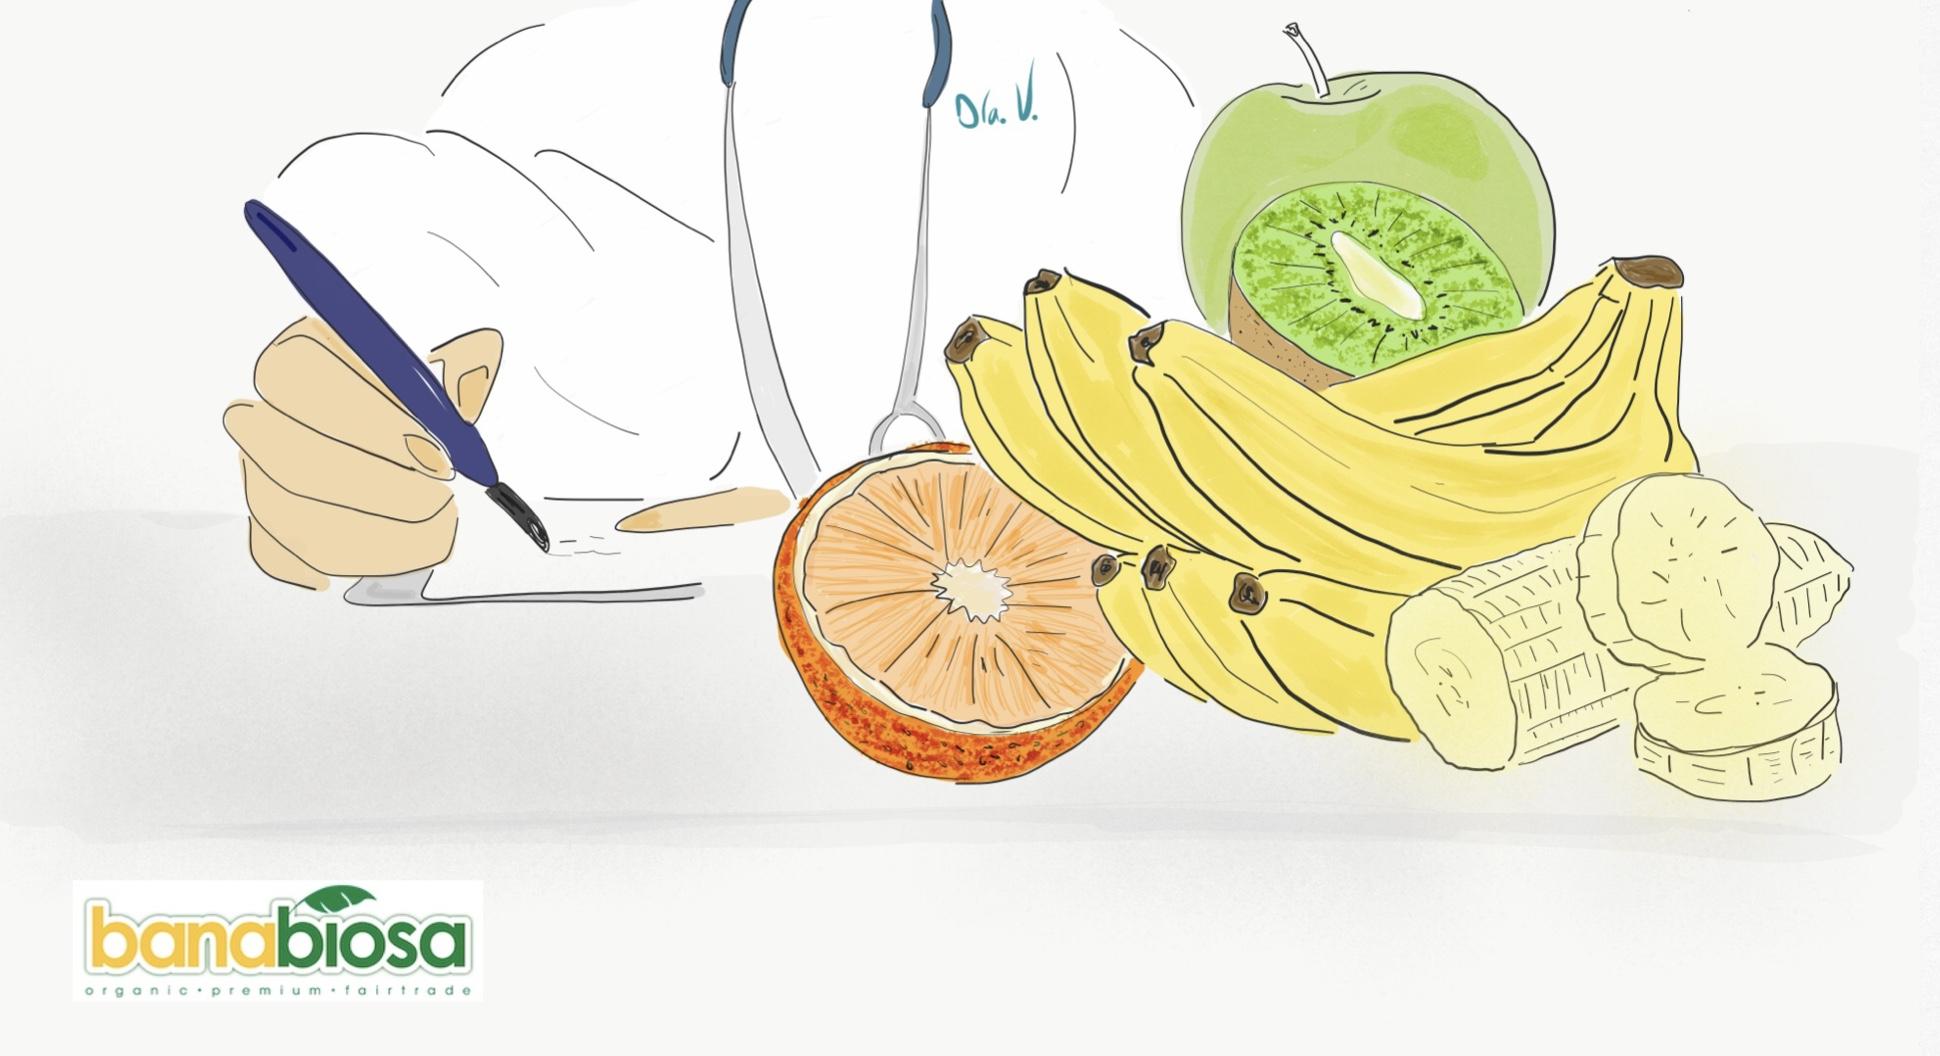 Benefits bananas